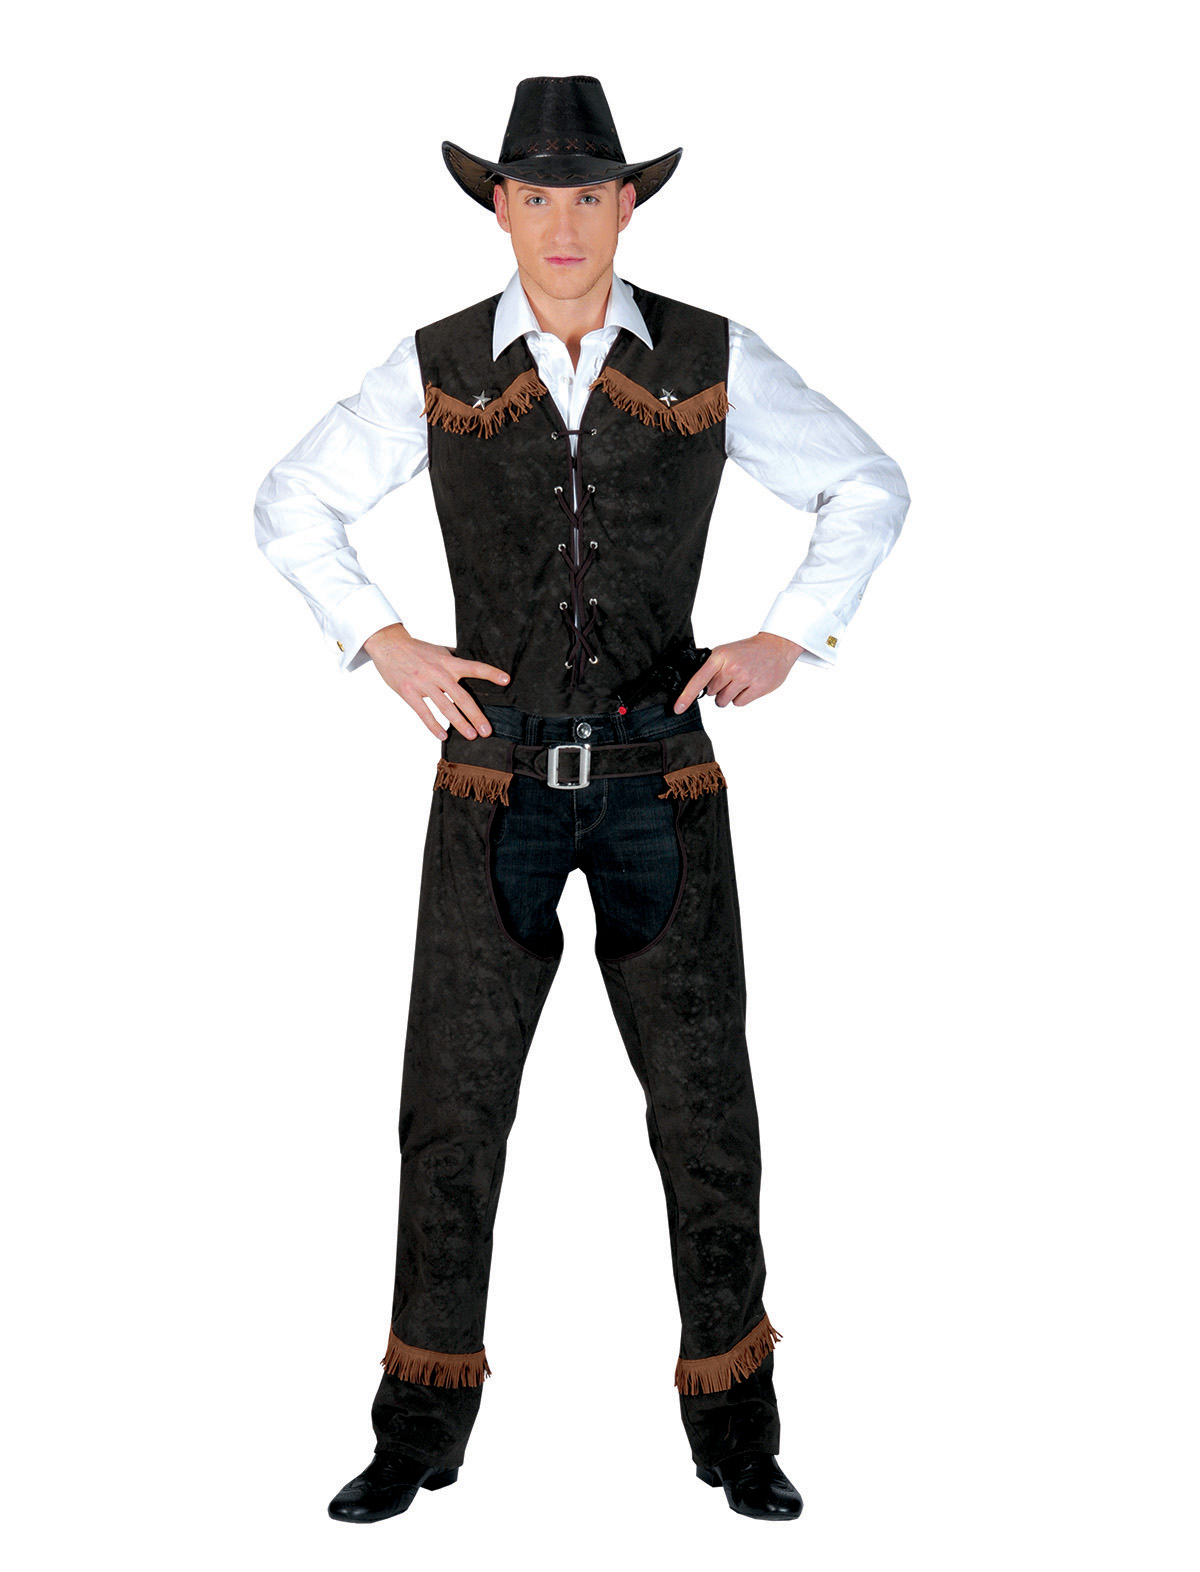 Cowboy James